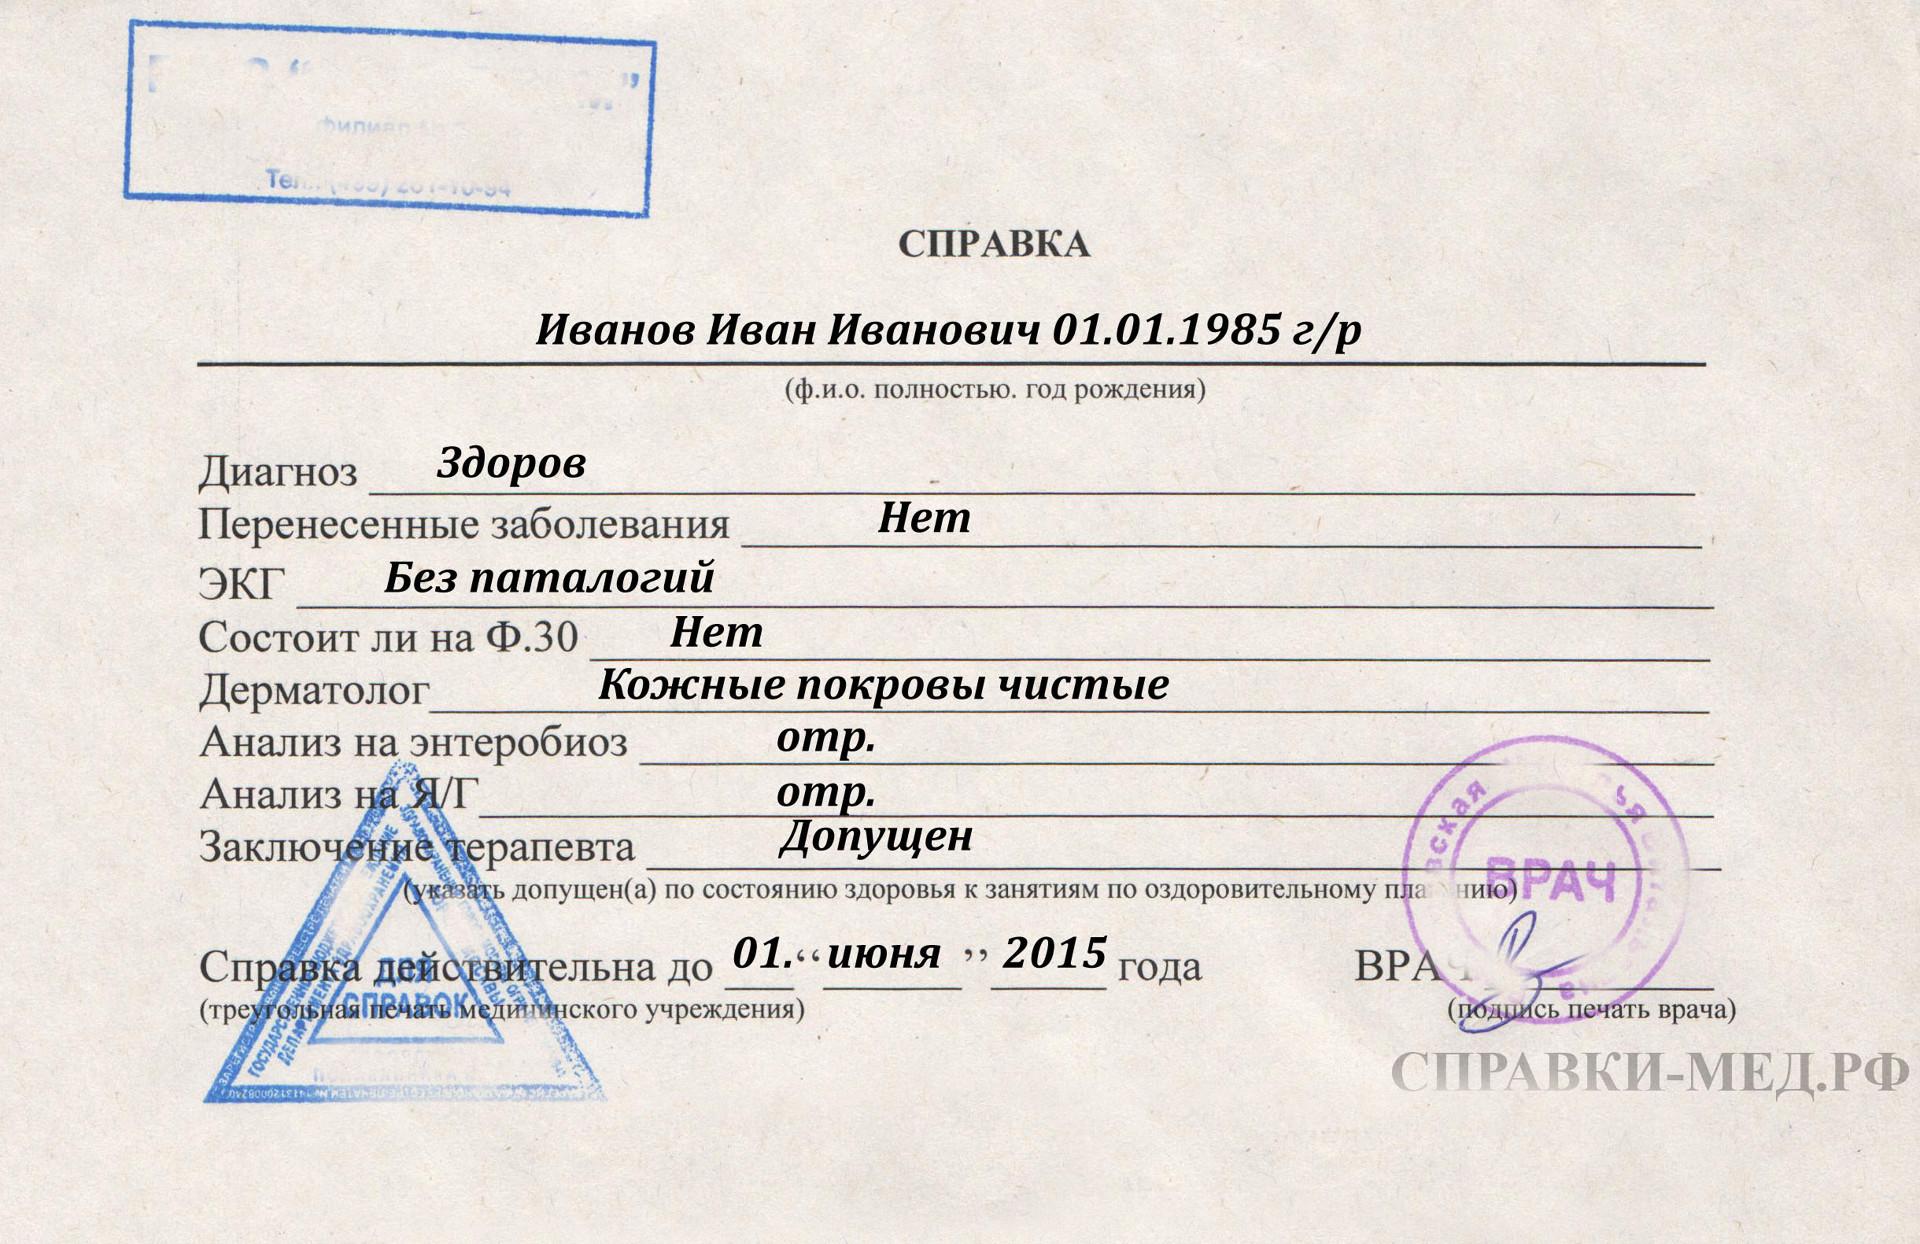 Медицинская справка в бассейн купить в Москве Восточный с доставкой